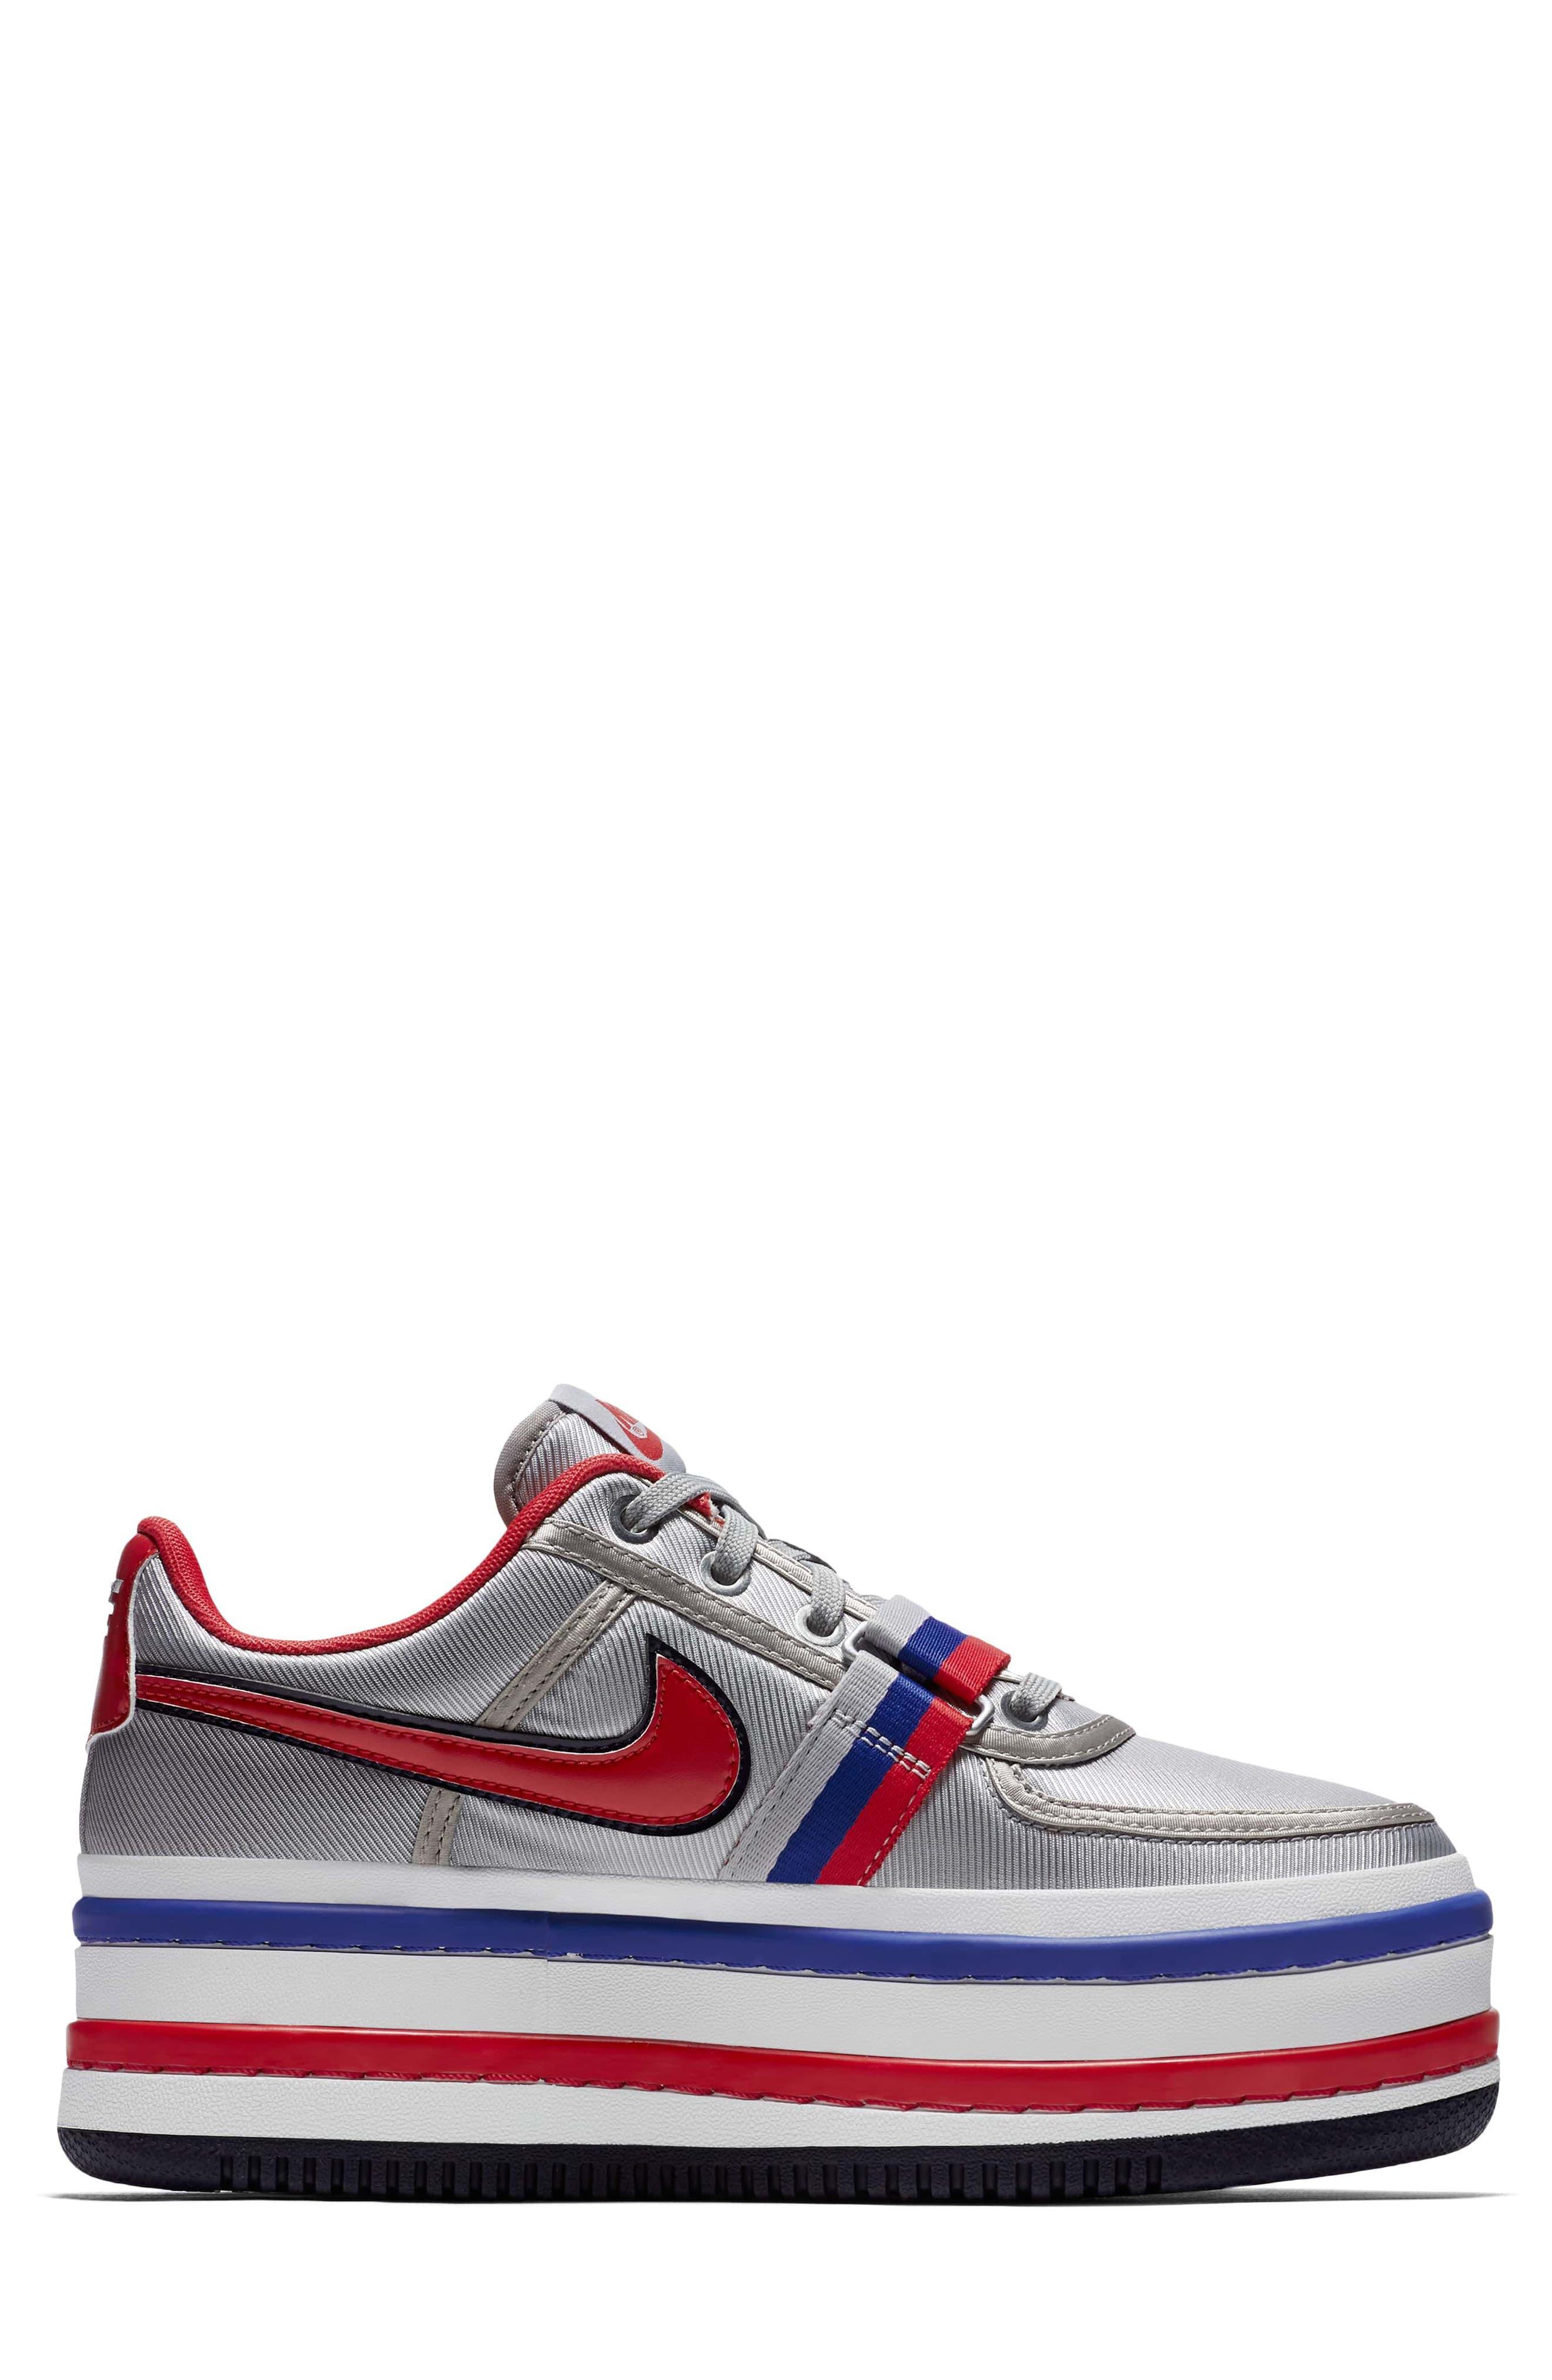 Vandal 2K Sneaker,                             Alternate thumbnail 3, color,                             SILVER/ UNIVERSITY RED